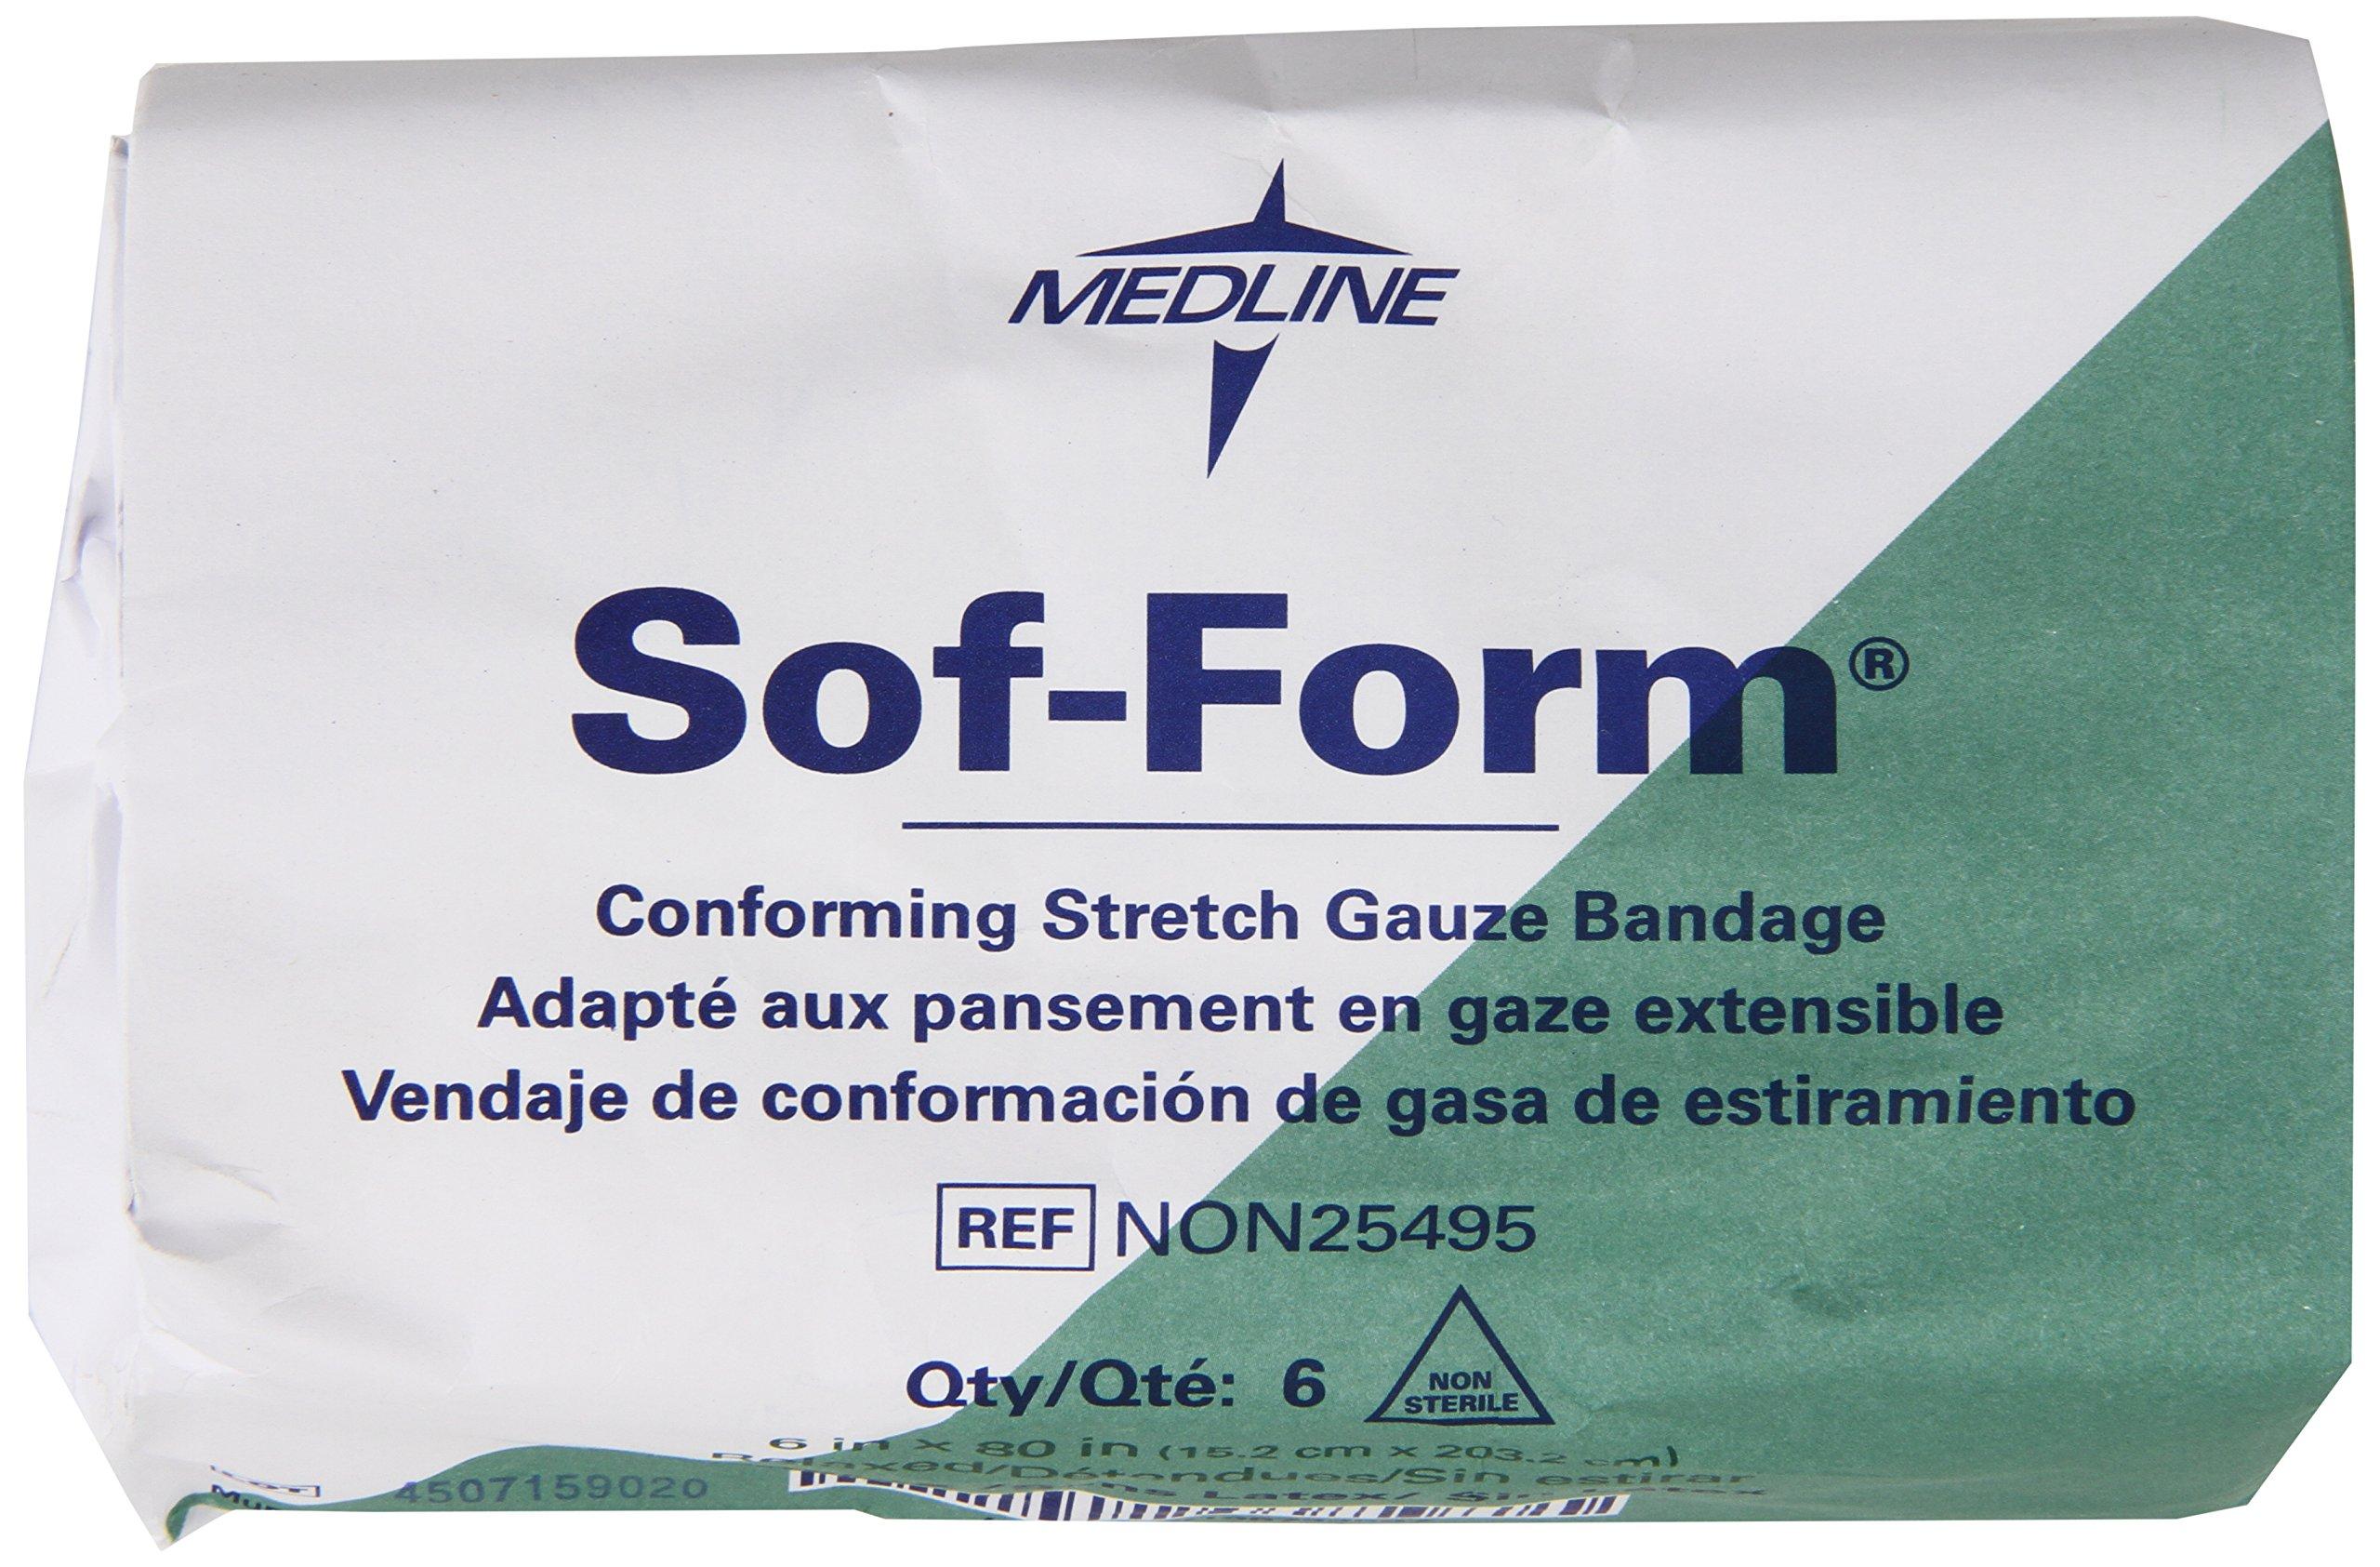 Medline Non-sterile Sof-form Conforming Bandages, 48 Count by Medline